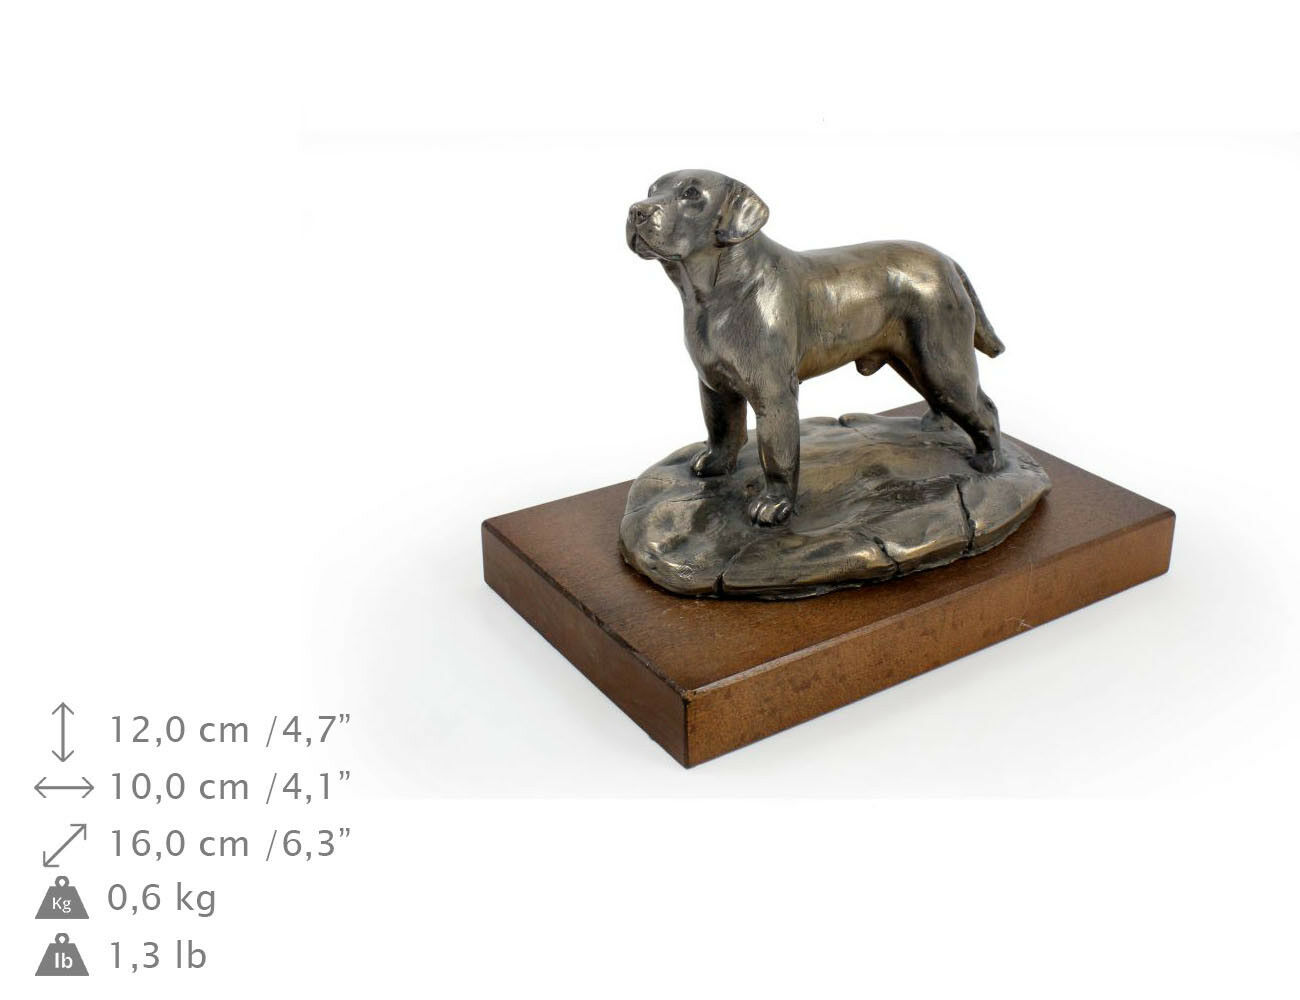 Retriever du Labrador, statue une de chien sur une statue base en bois, limitée Art Dog FR a9596f